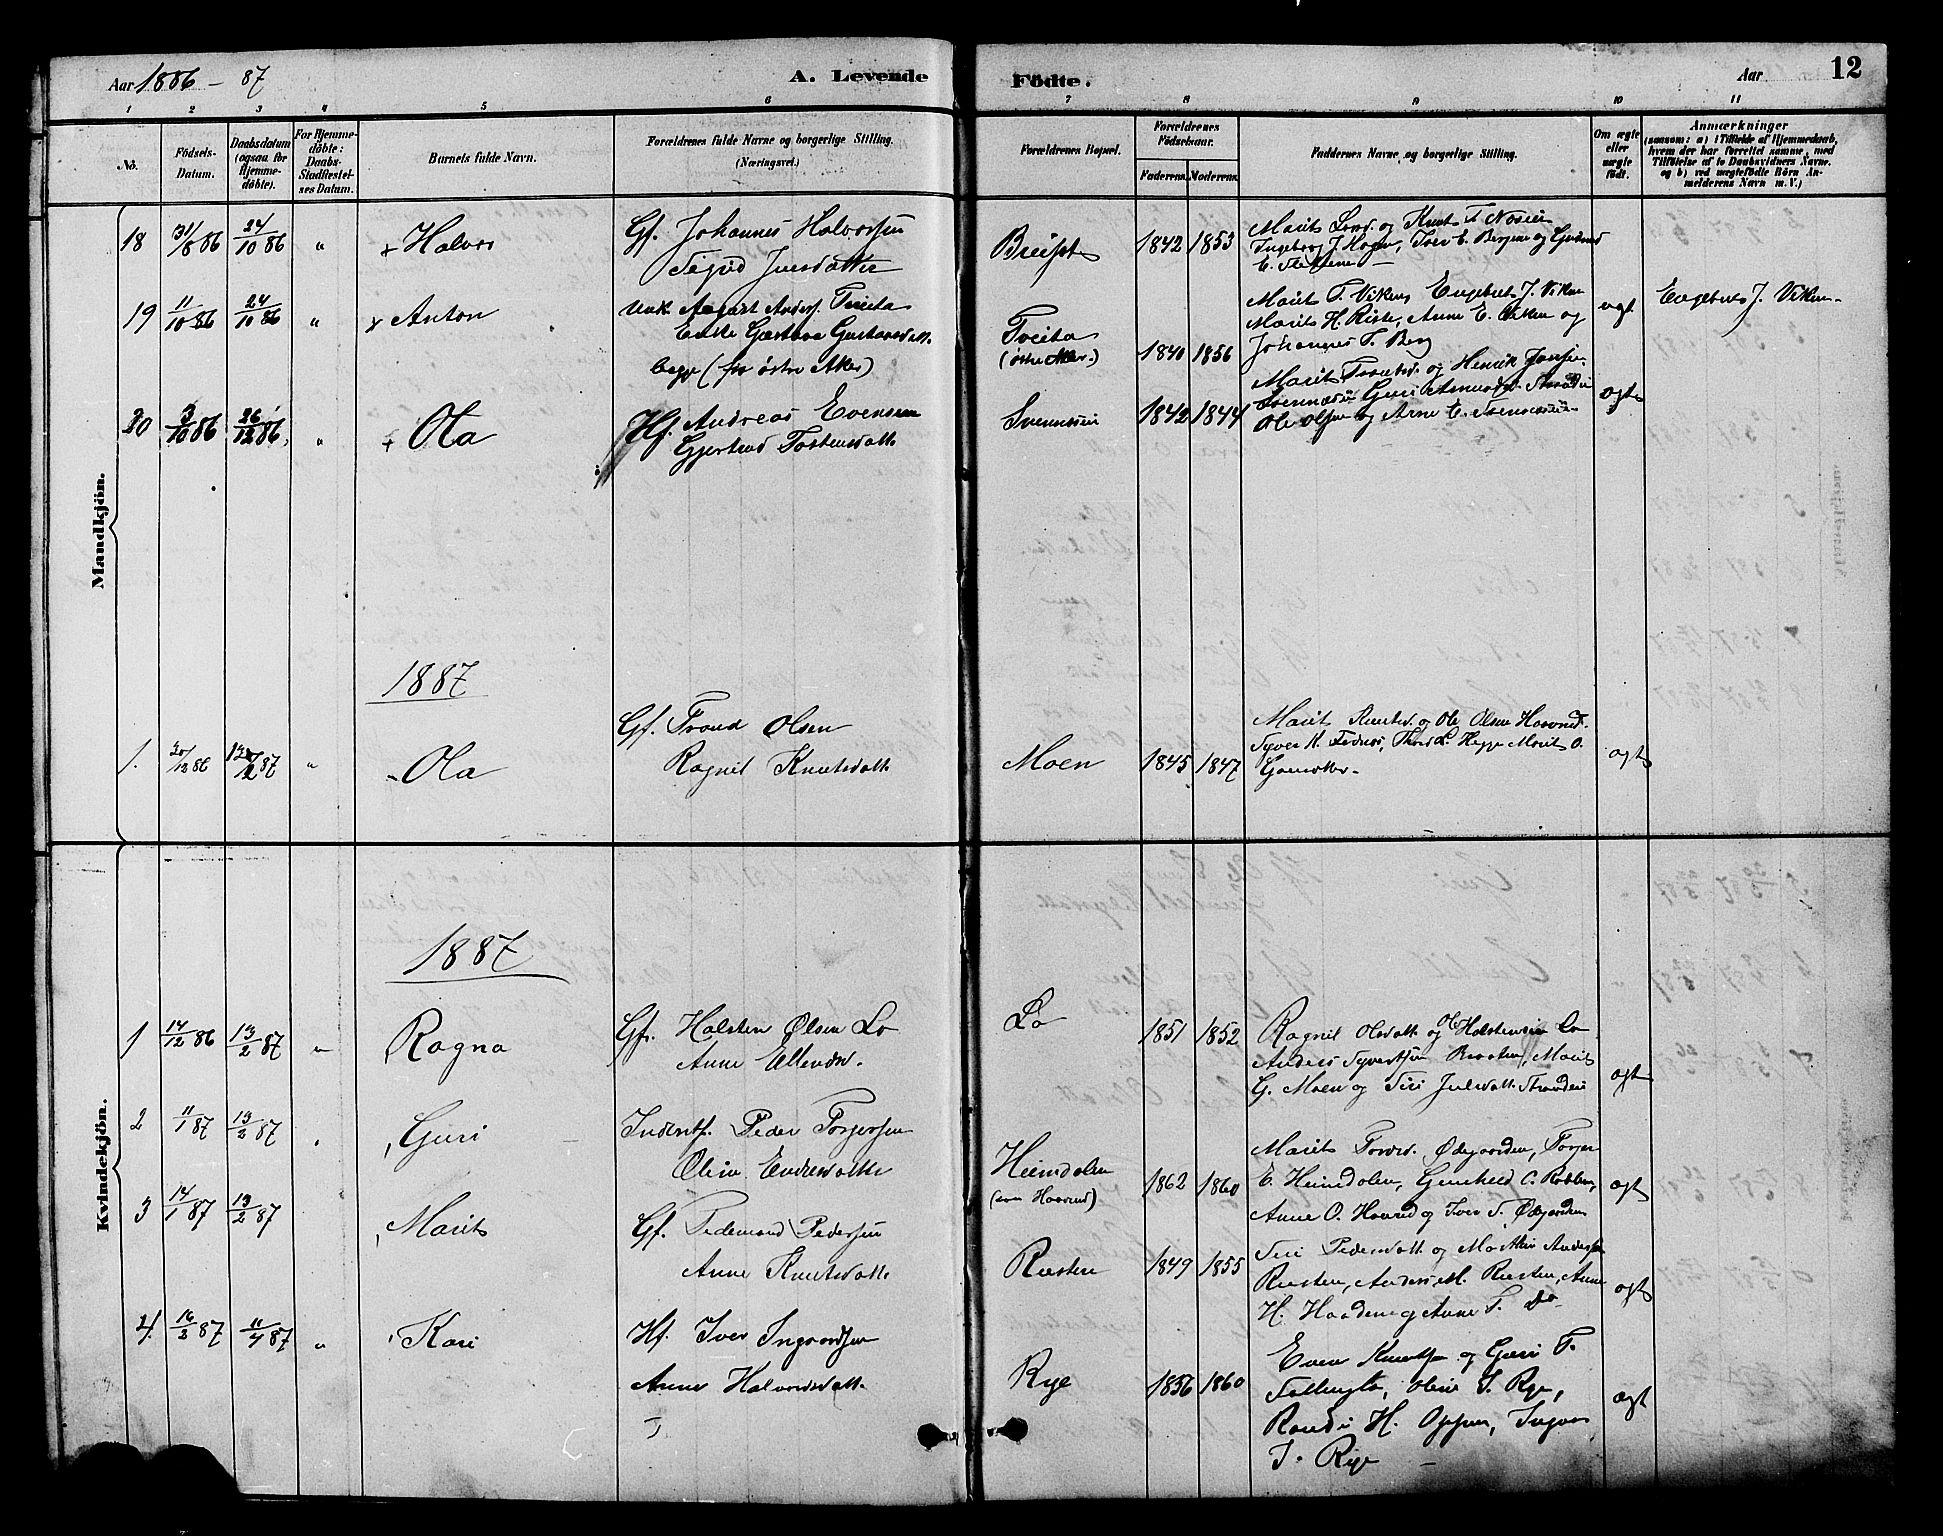 SAH, Nord-Aurdal prestekontor, Klokkerbok nr. 7, 1883-1910, s. 12